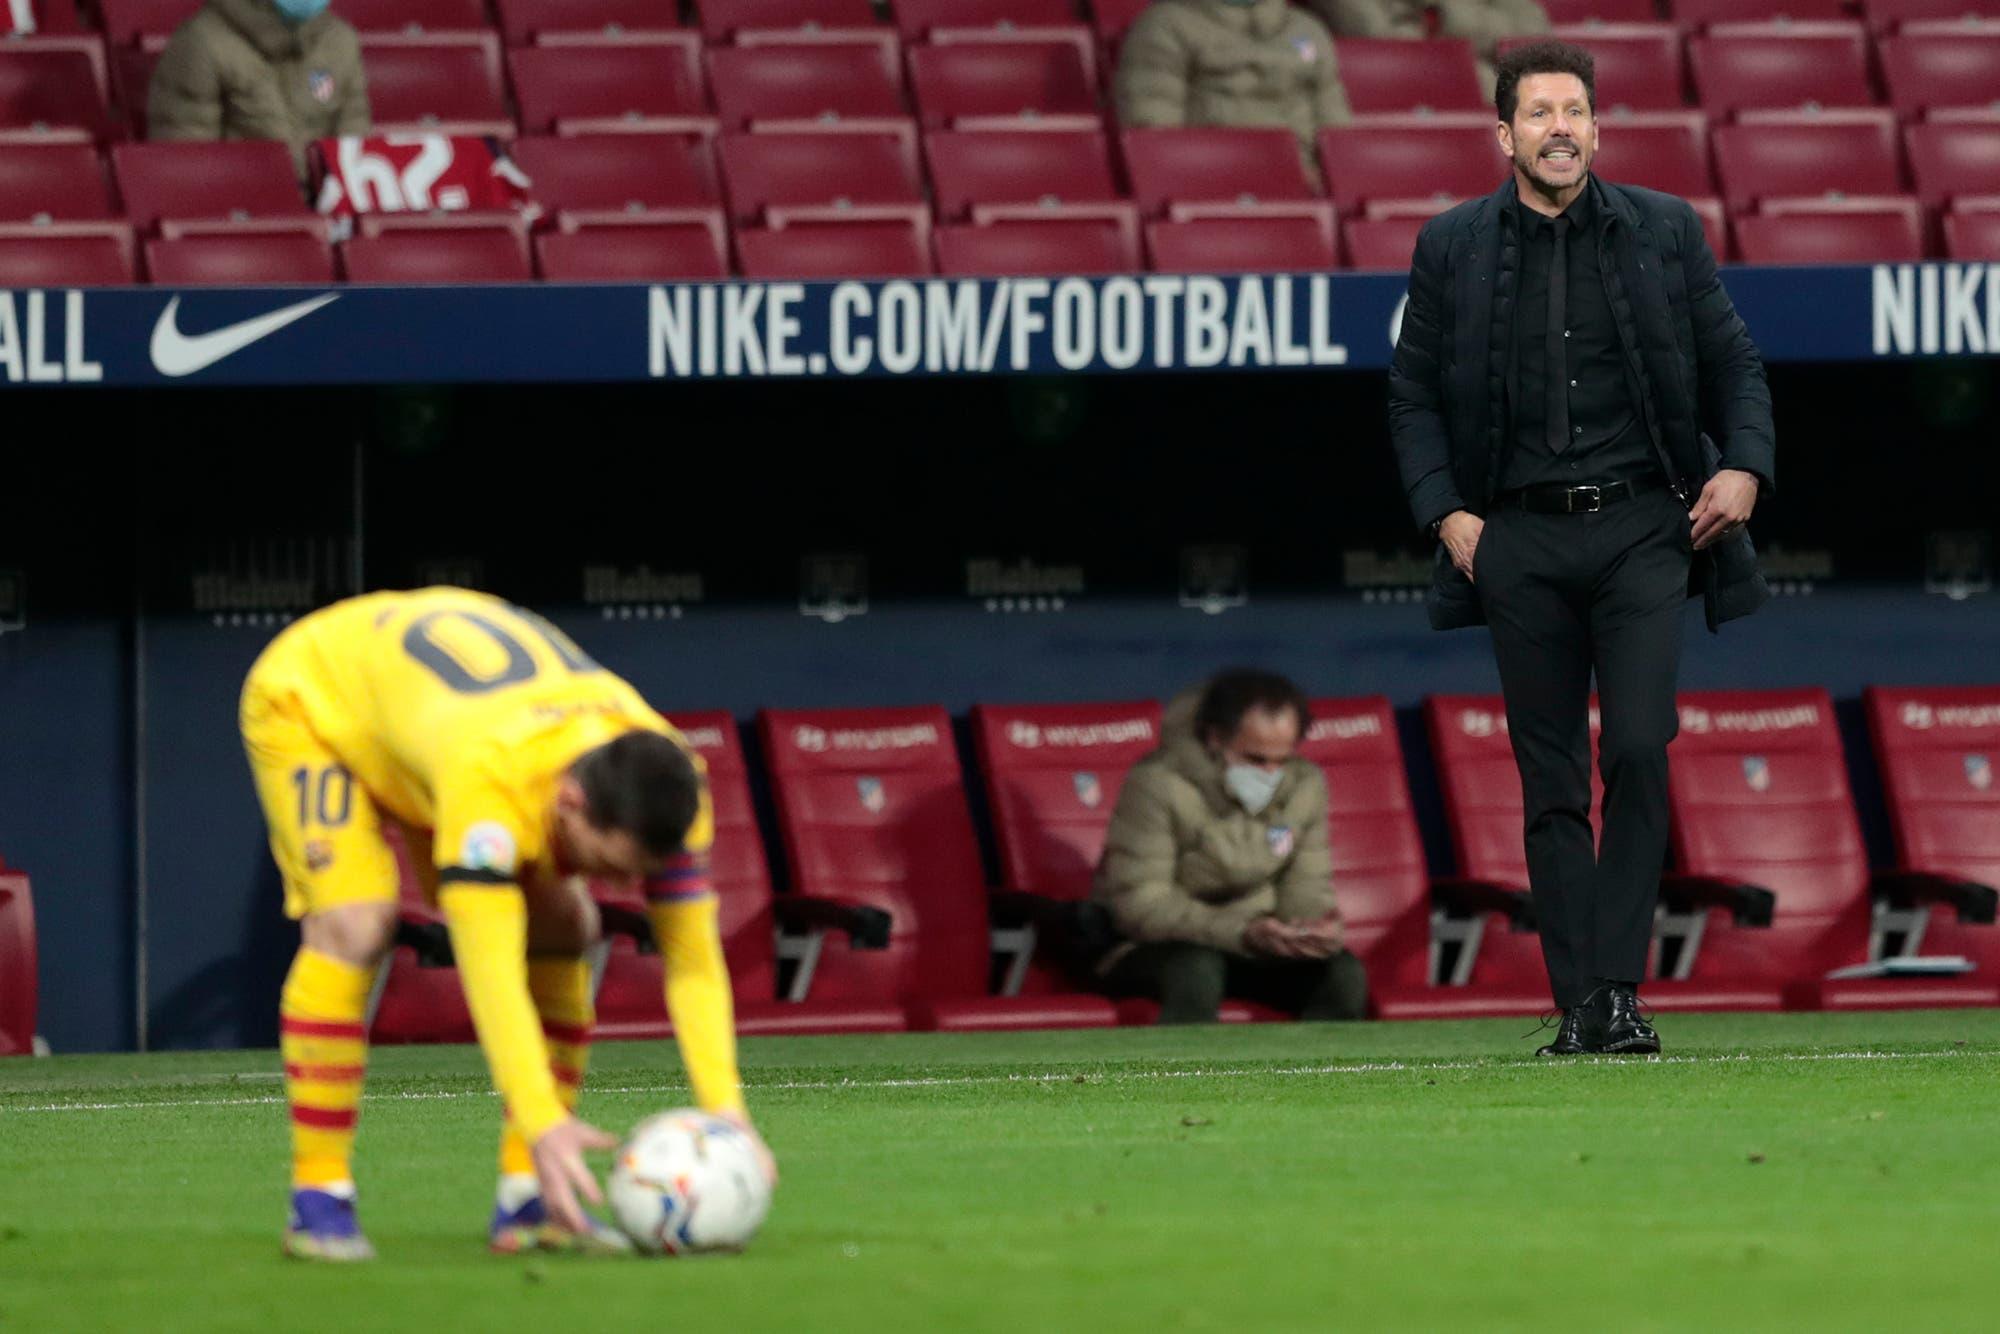 Atlético de Madrid-Barcelona: el equipo de Diego Simeone le ganó a un Lionel Messi errático y sin gambeta